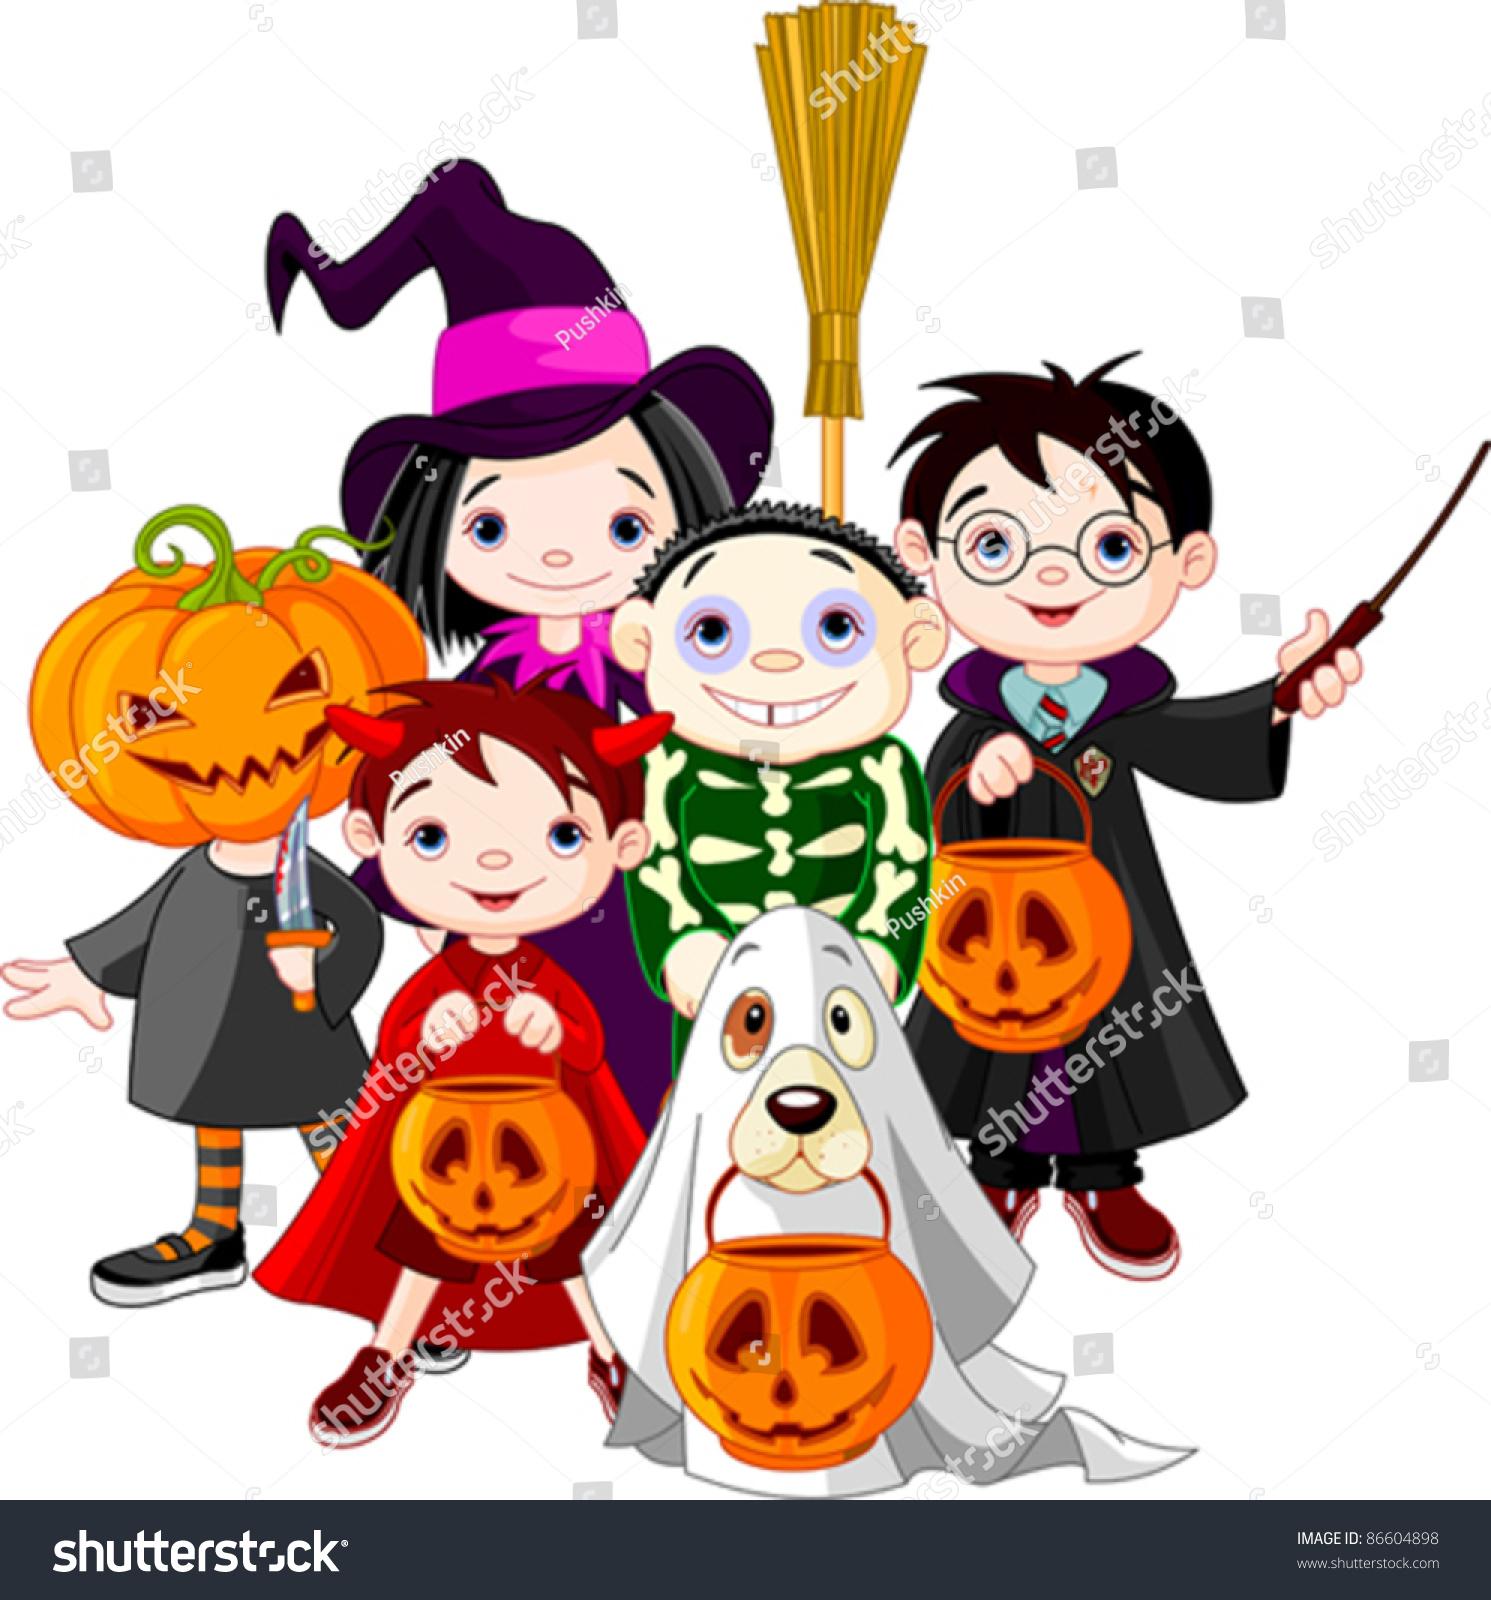 Halloween Children Trick Or Treating In Halloween Costume Ilustración vectorial en stock 86604898  Shutterstock